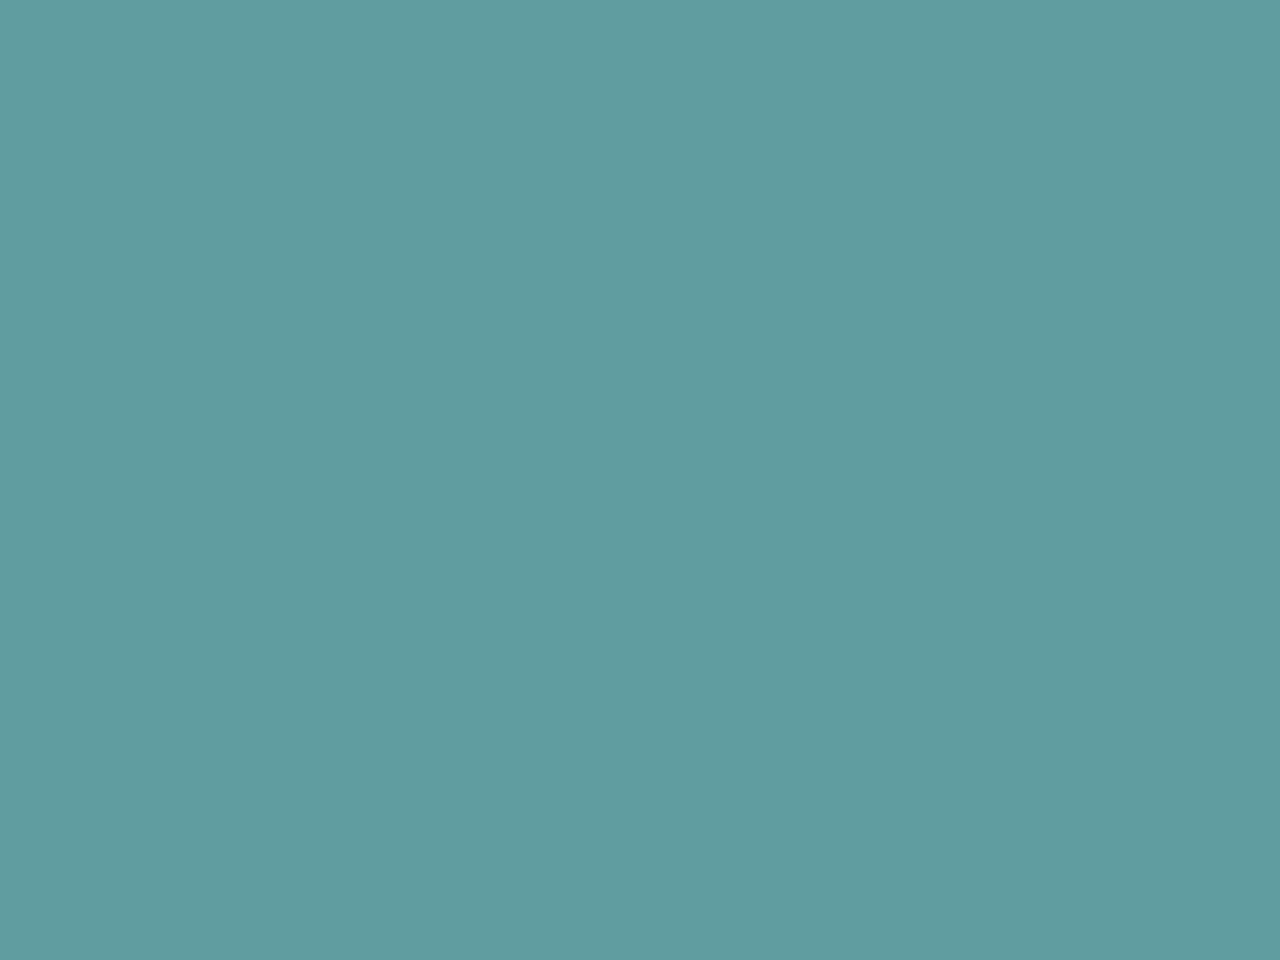 1280x960 Cadet Blue Solid Color Background